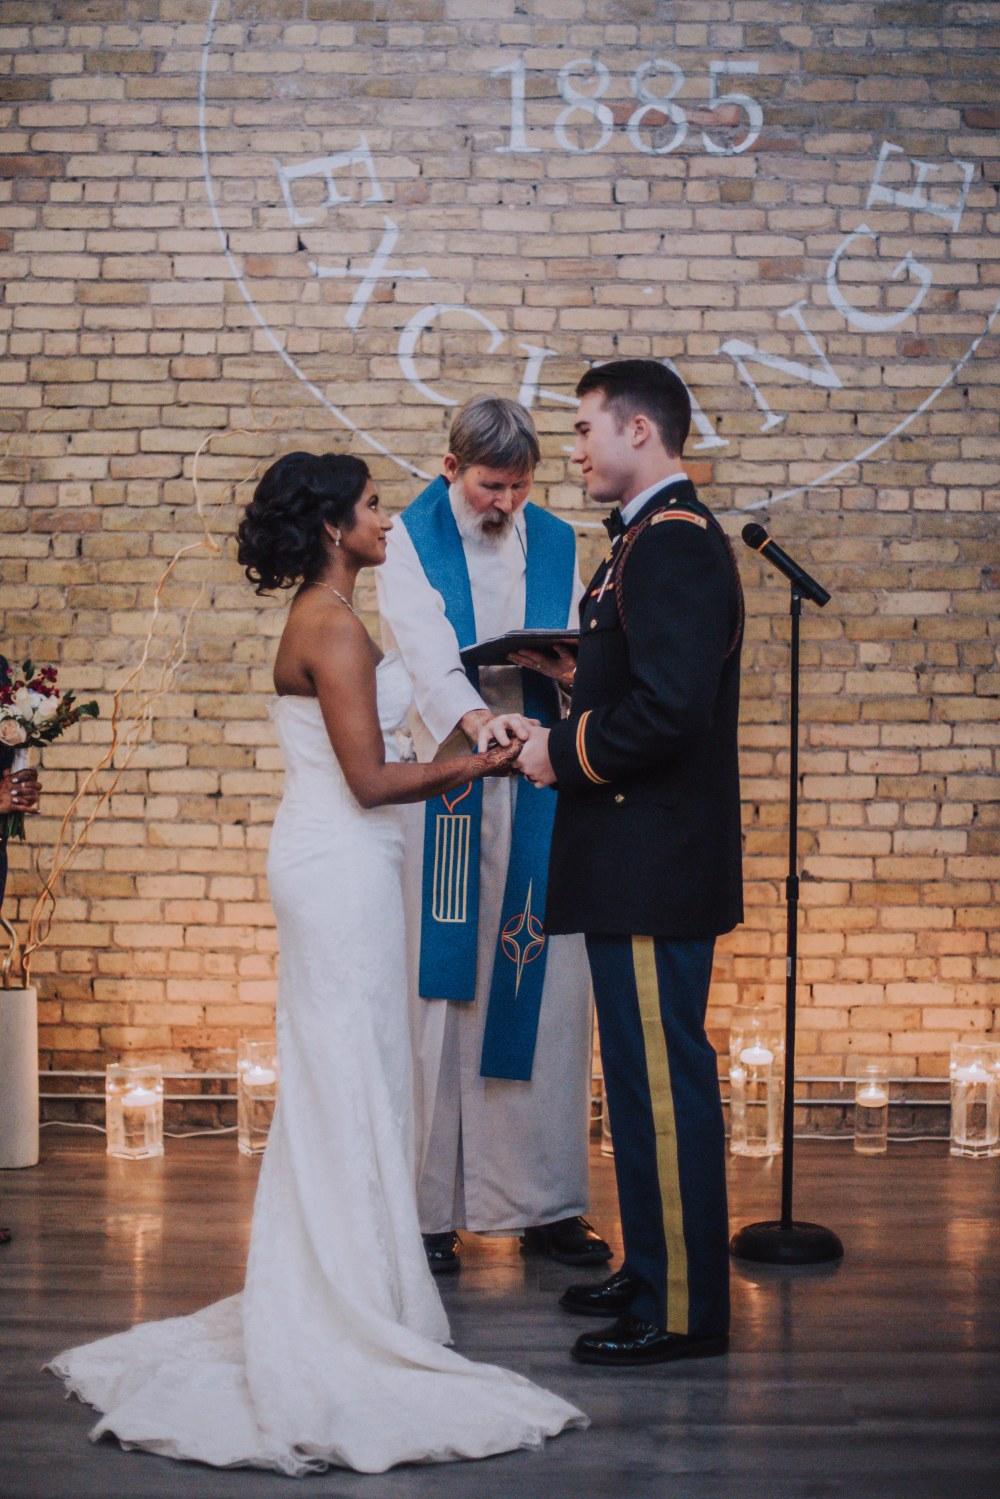 hindu-wedding-blog-112-of-102